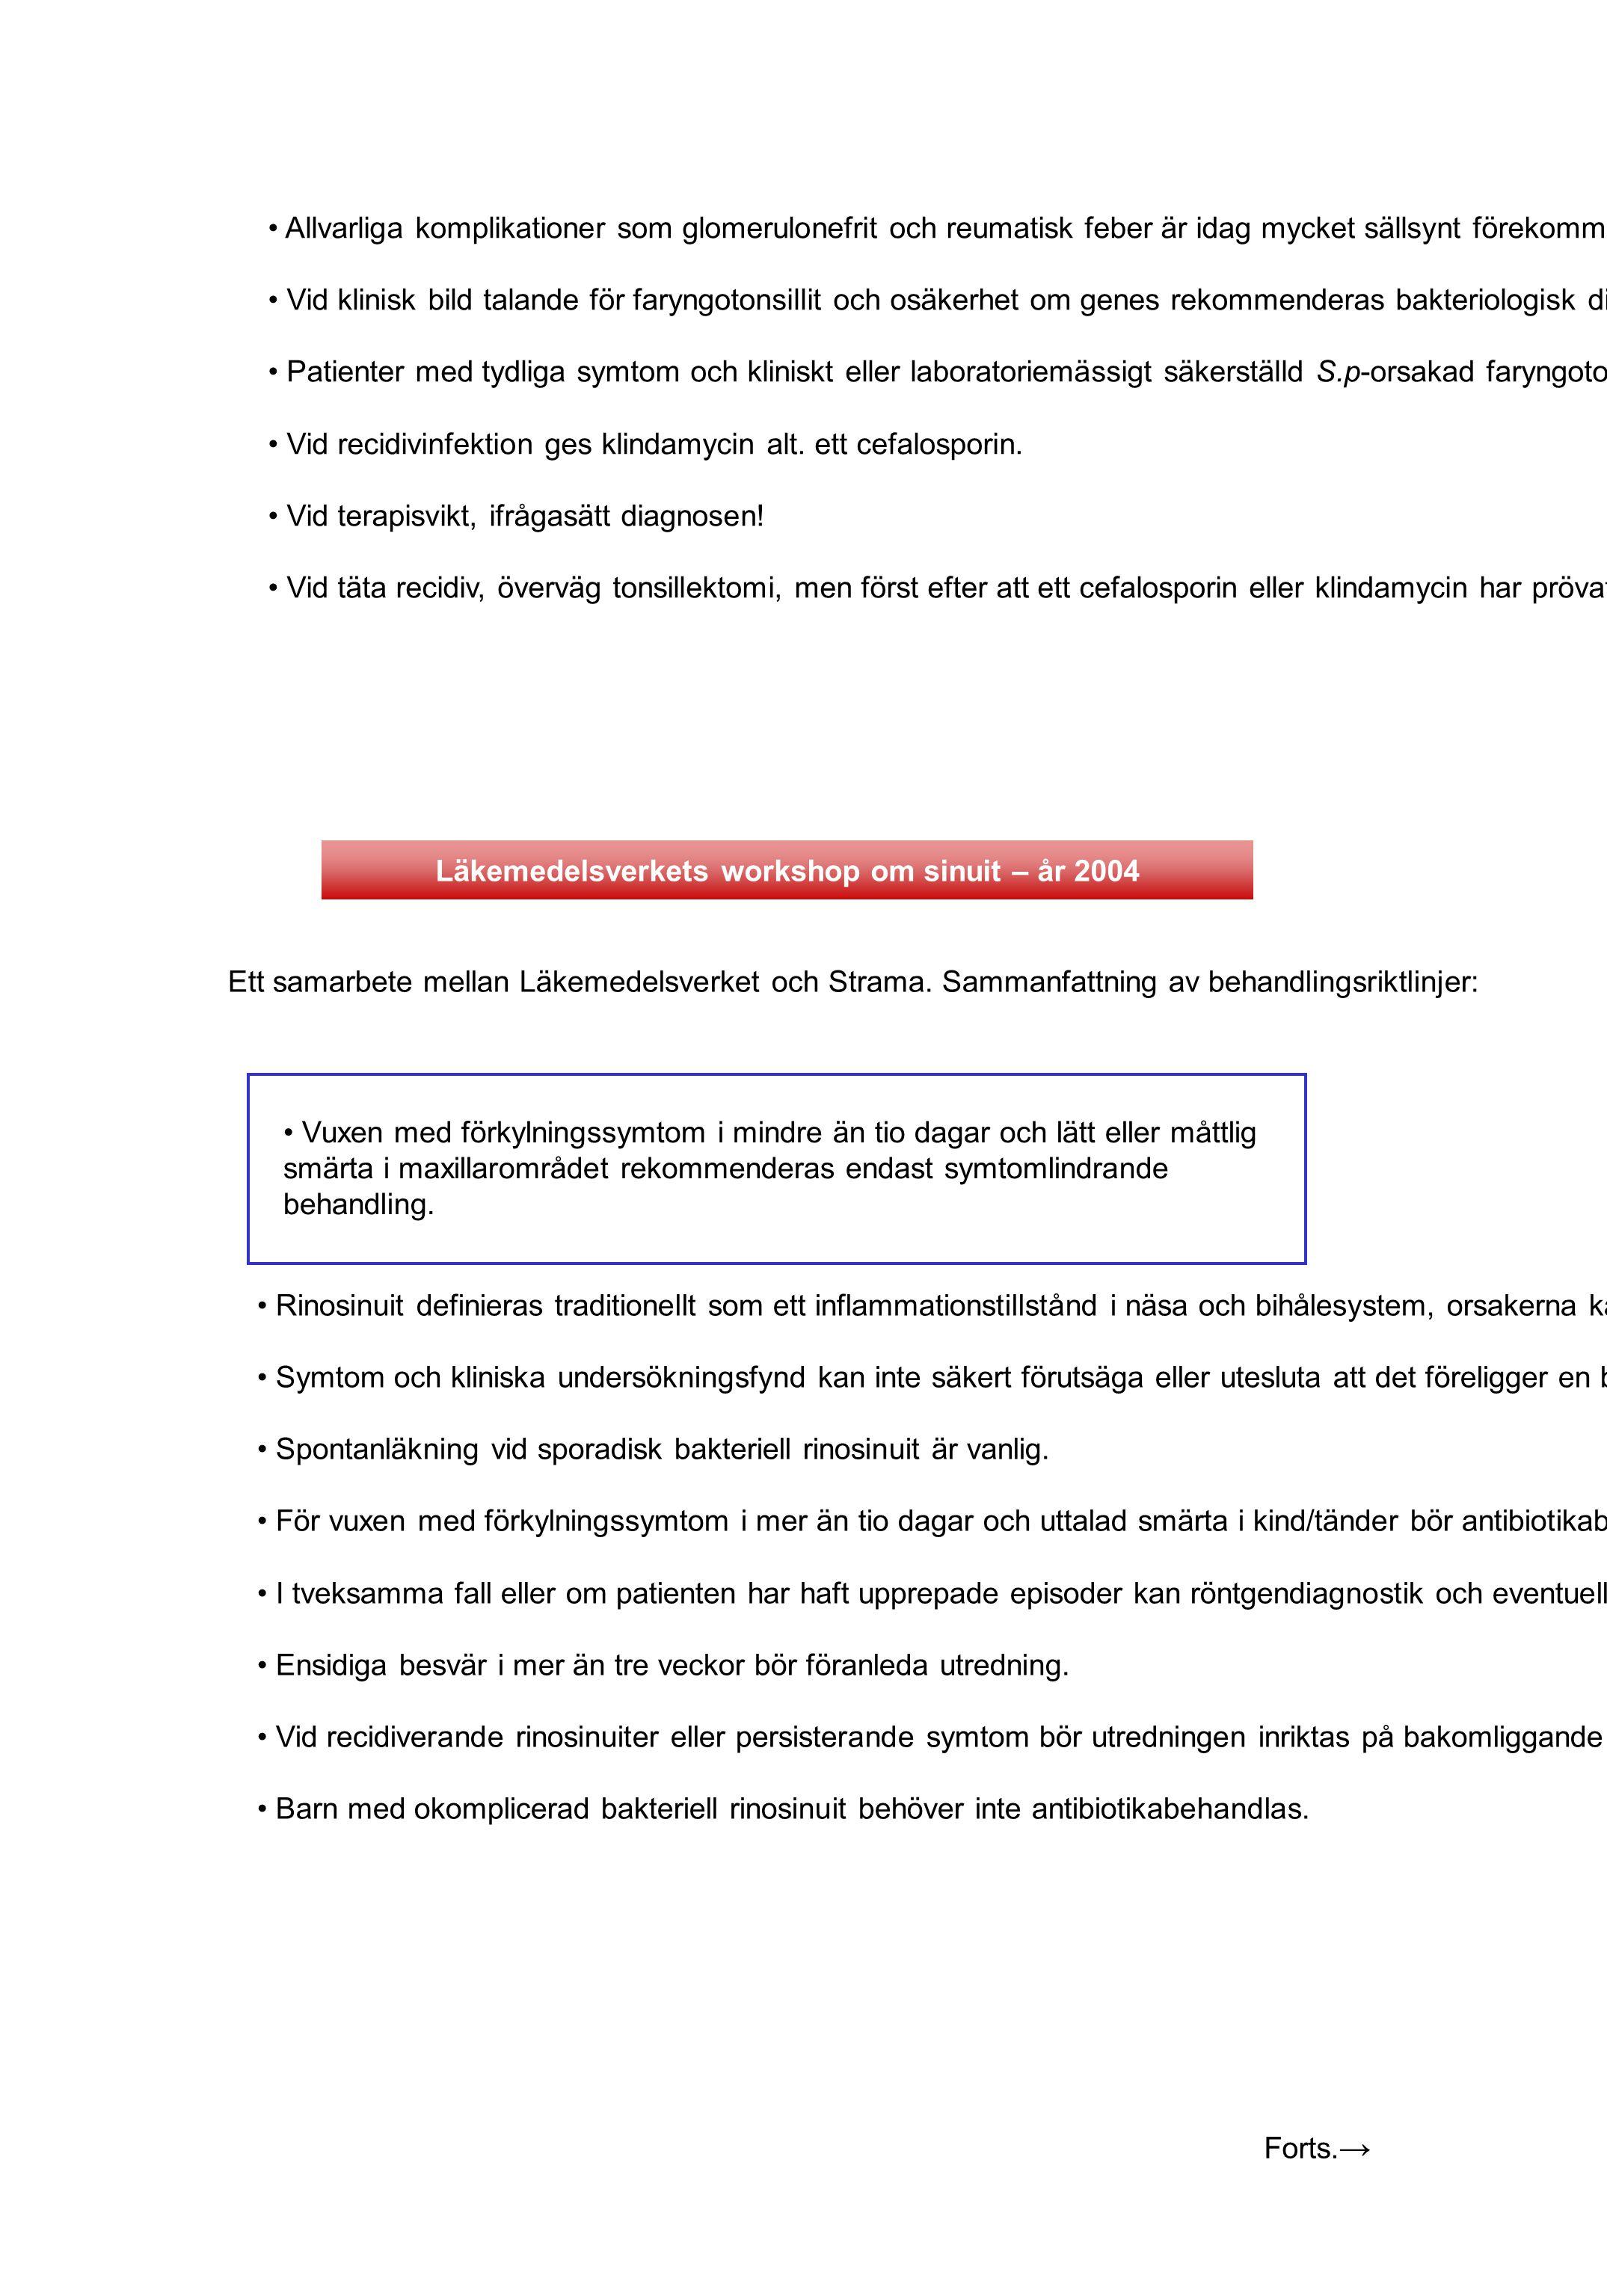 Ett samarbete mellan Läkemedelsverket och Strama. Sammanfattning av behandlingsriktlinjer: Rinosinuit definieras traditionellt som ett inflammationsti